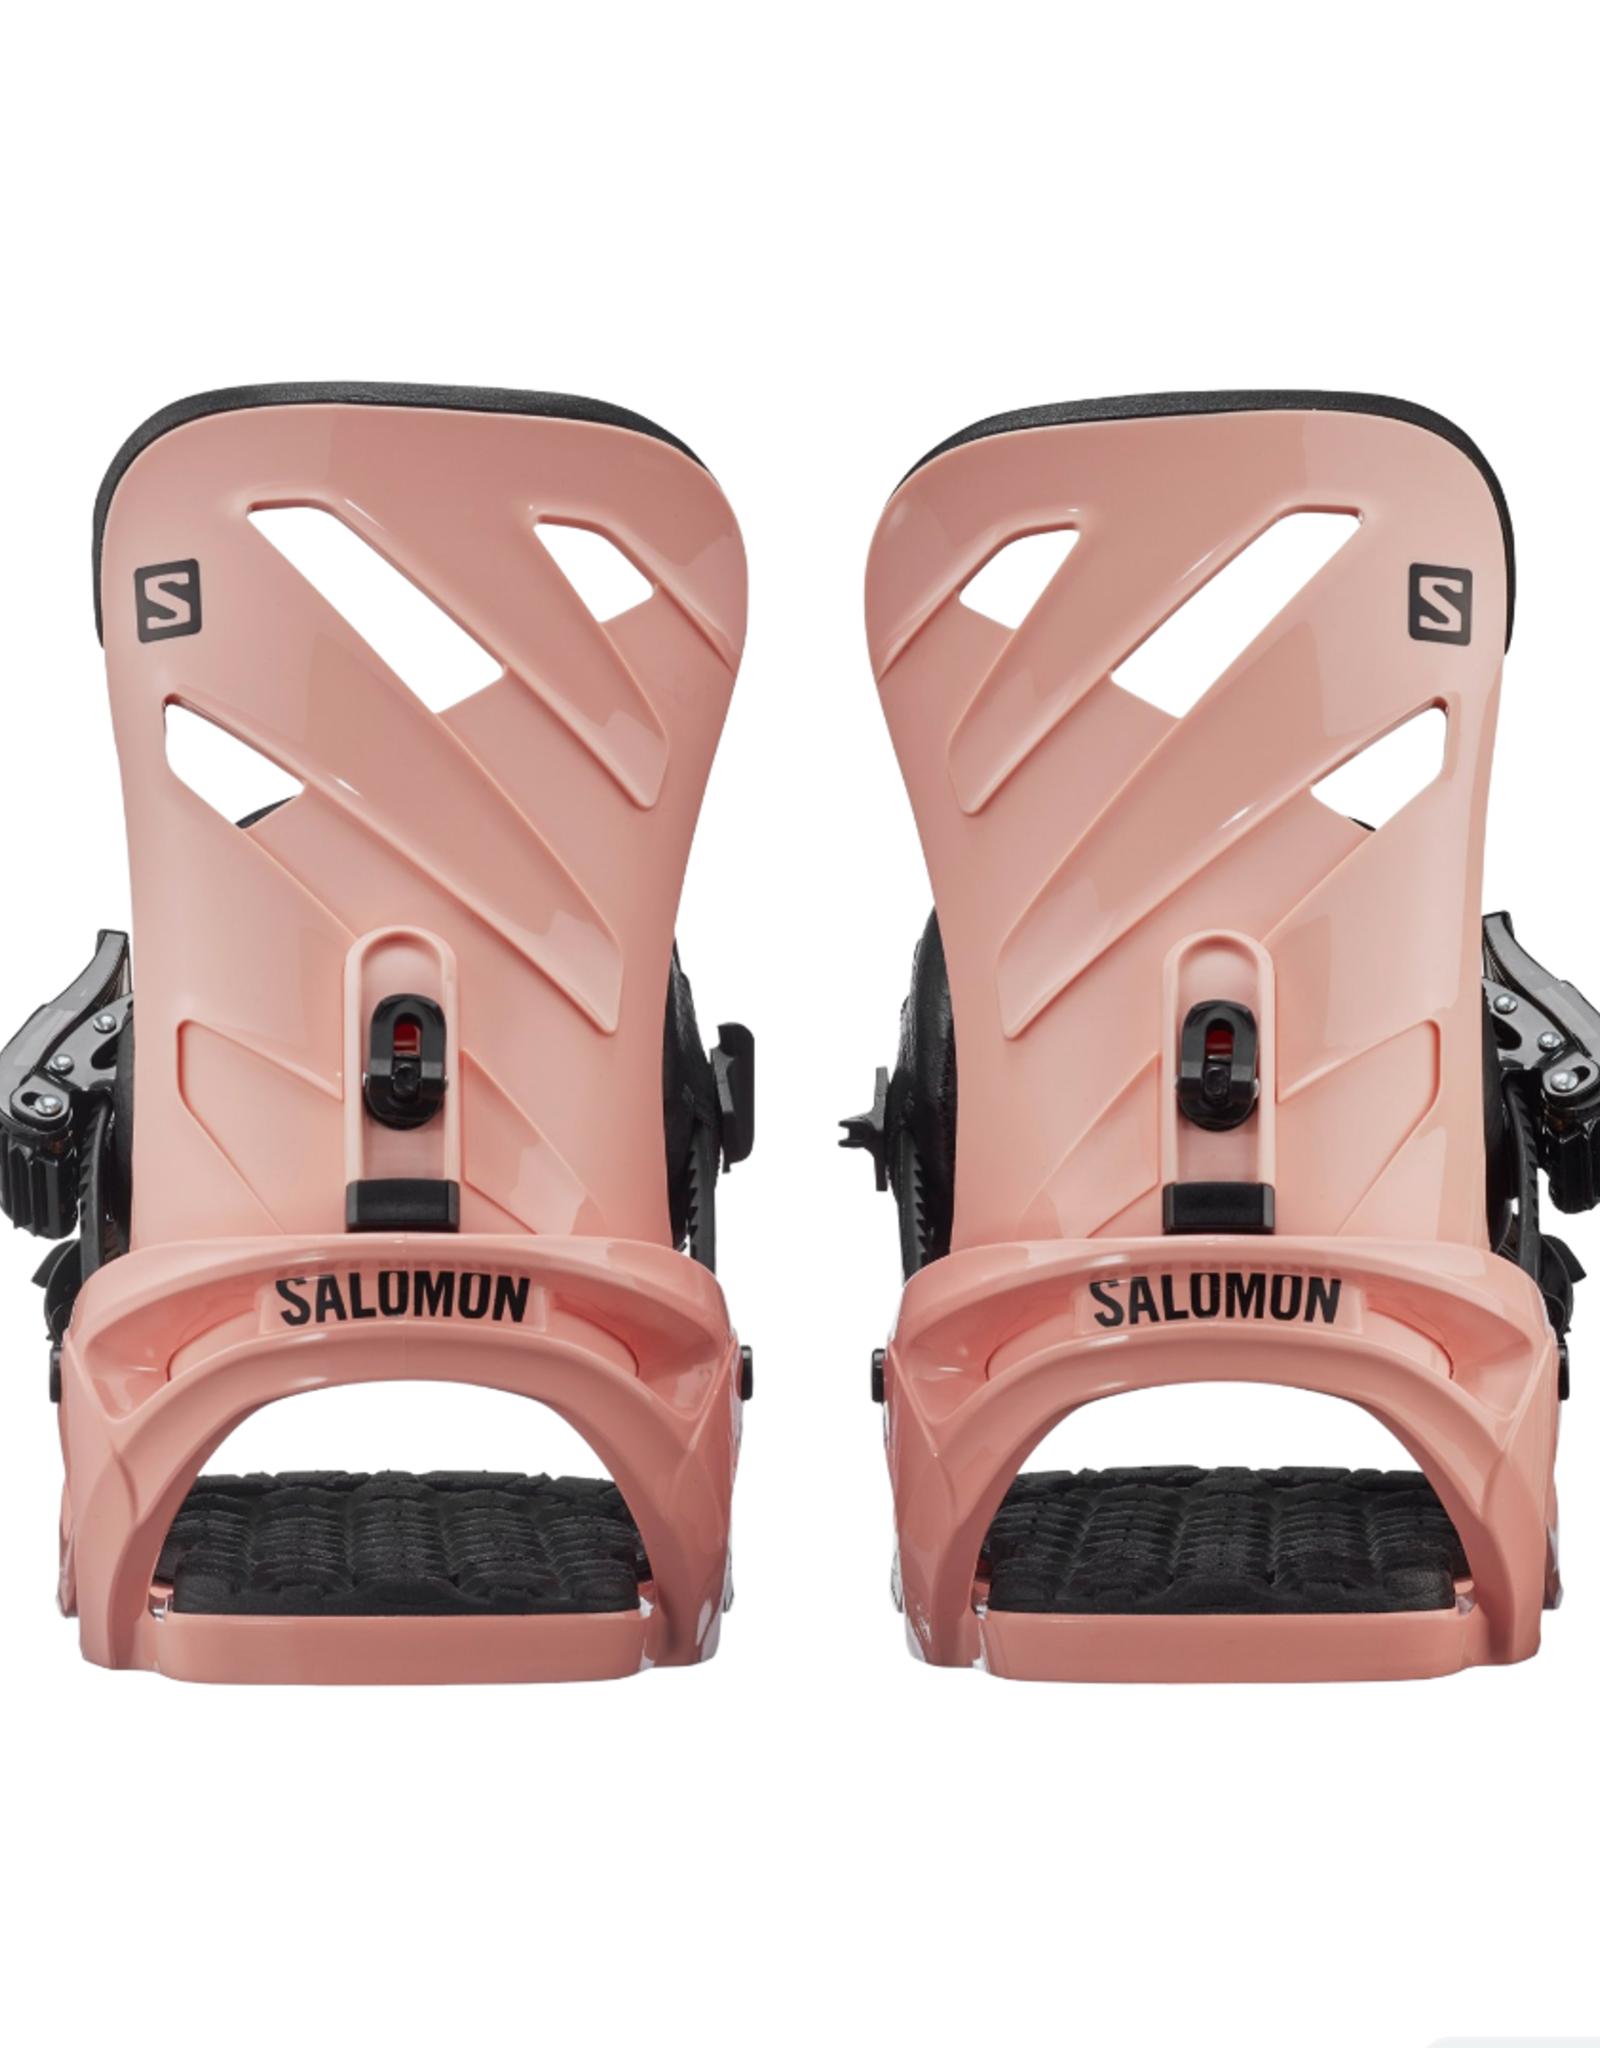 SALOMON Salomon Rhythm